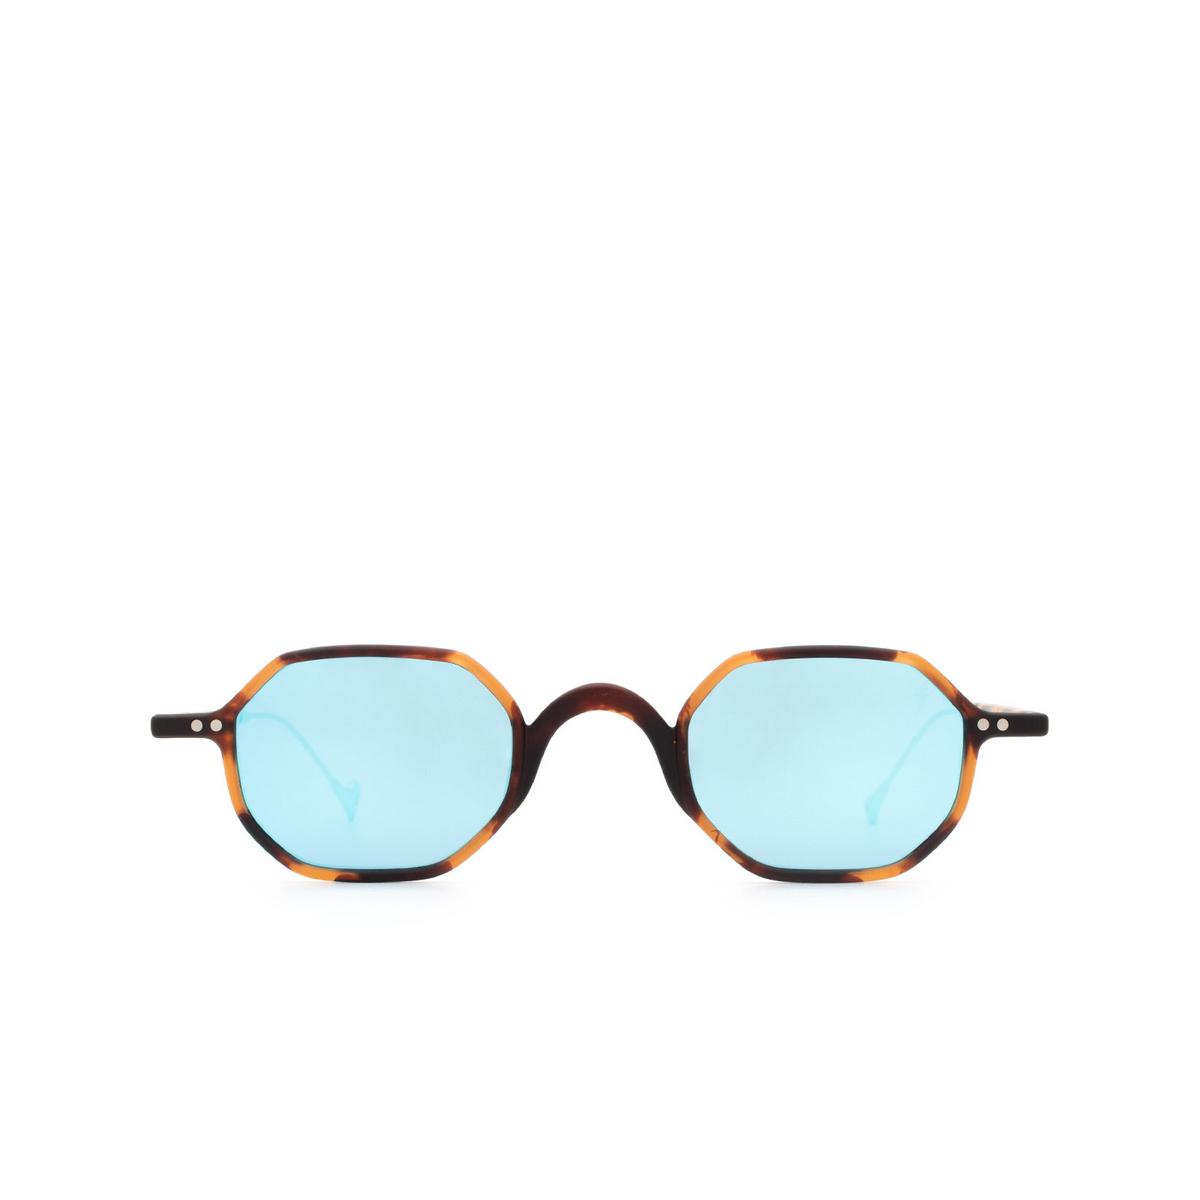 Eyepetizer® Irregular Sunglasses: Lauren color Matte Dark Havana C.G-38 - front view.